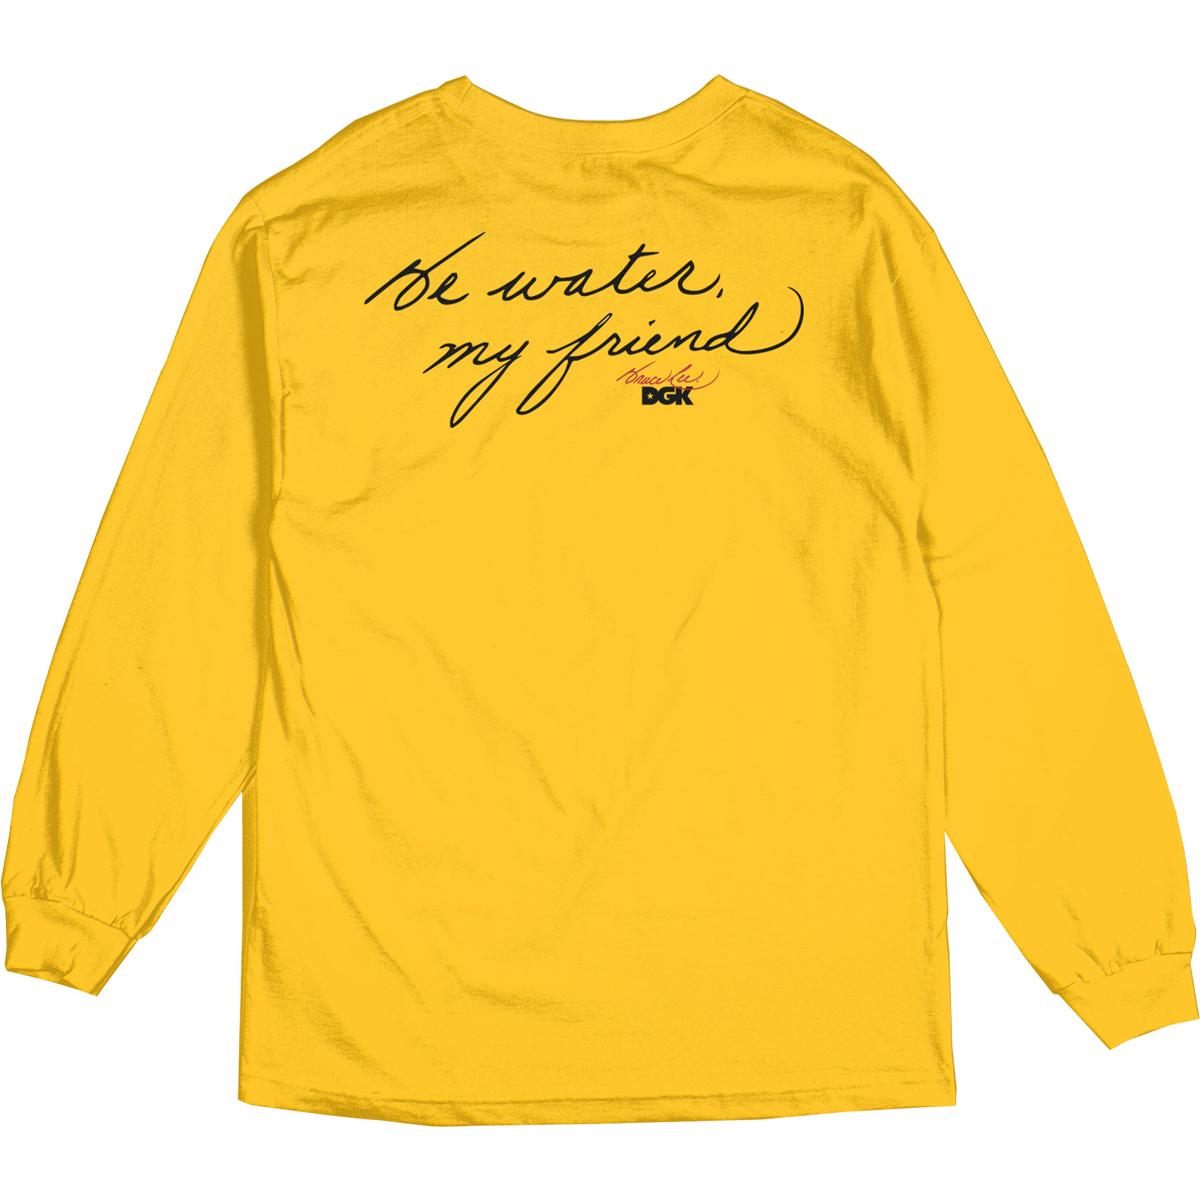 Warrior DGK Long Sleeve T-shirt - Gold